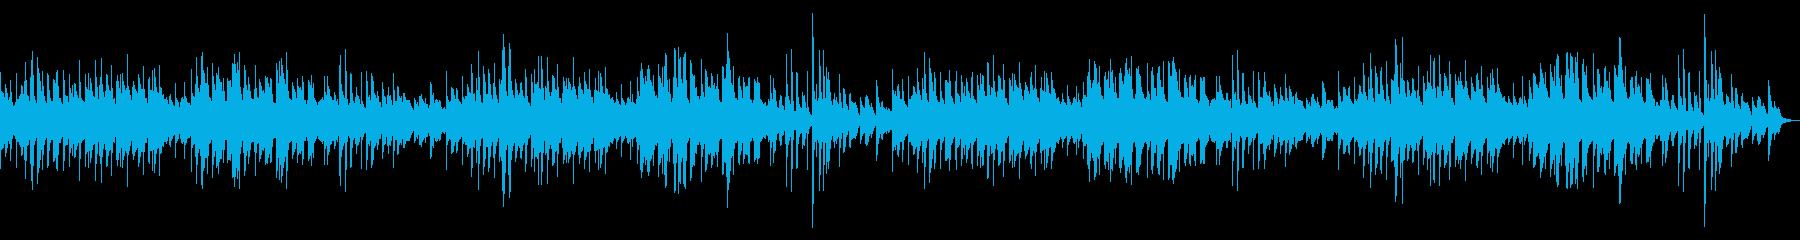 かわいいワルツの再生済みの波形